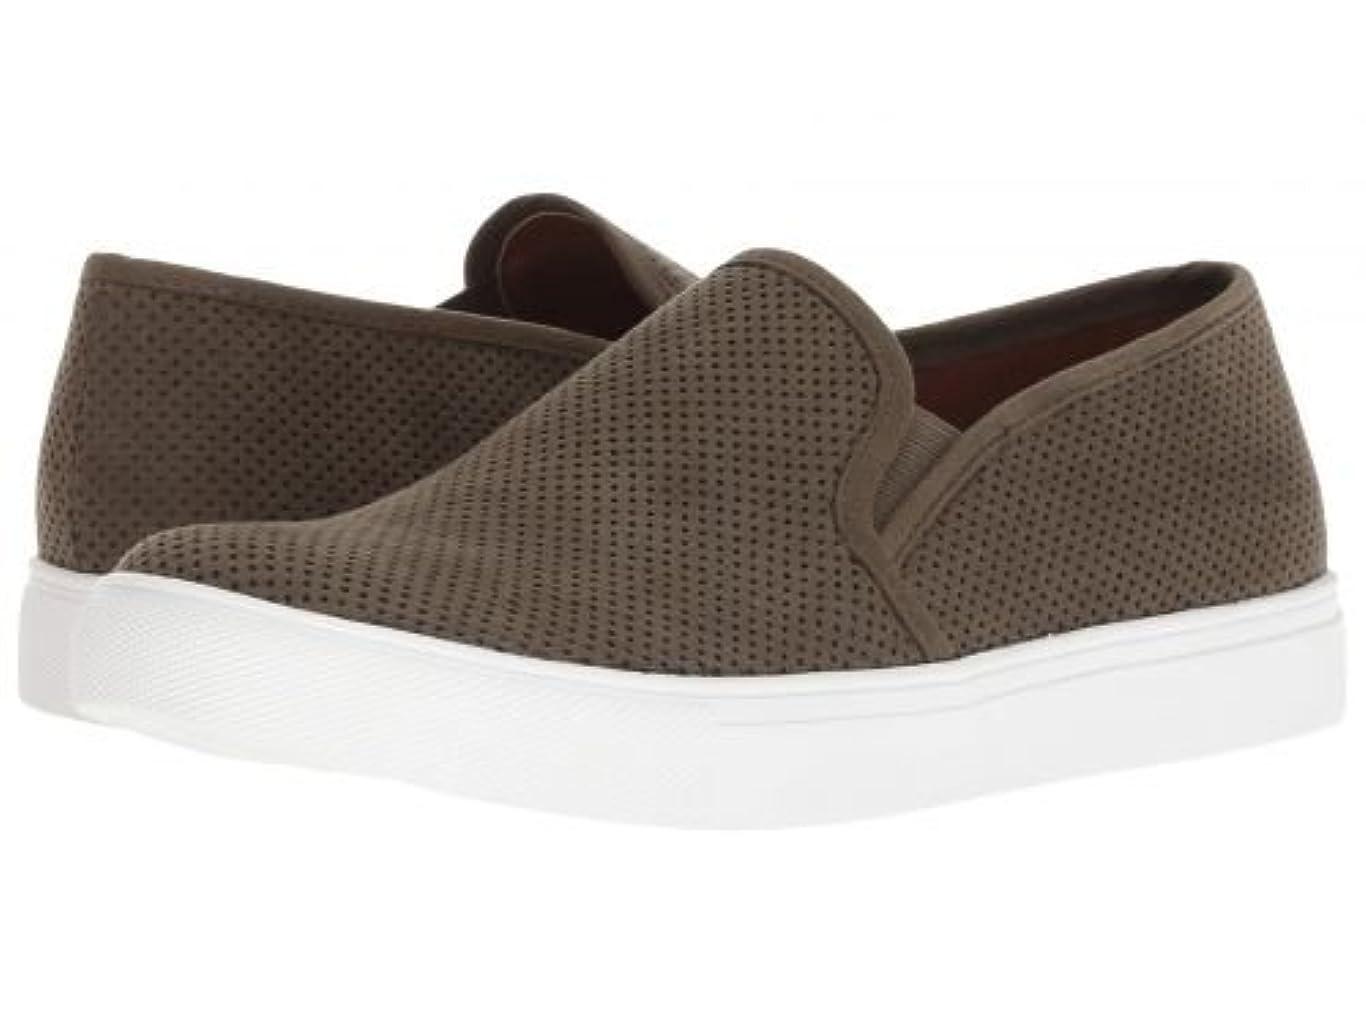 製造徒歩でサービスSteve Madden(スティーブマデン) レディース 女性用 シューズ 靴 スニーカー 運動靴 Zarayy - Olive [並行輸入品]